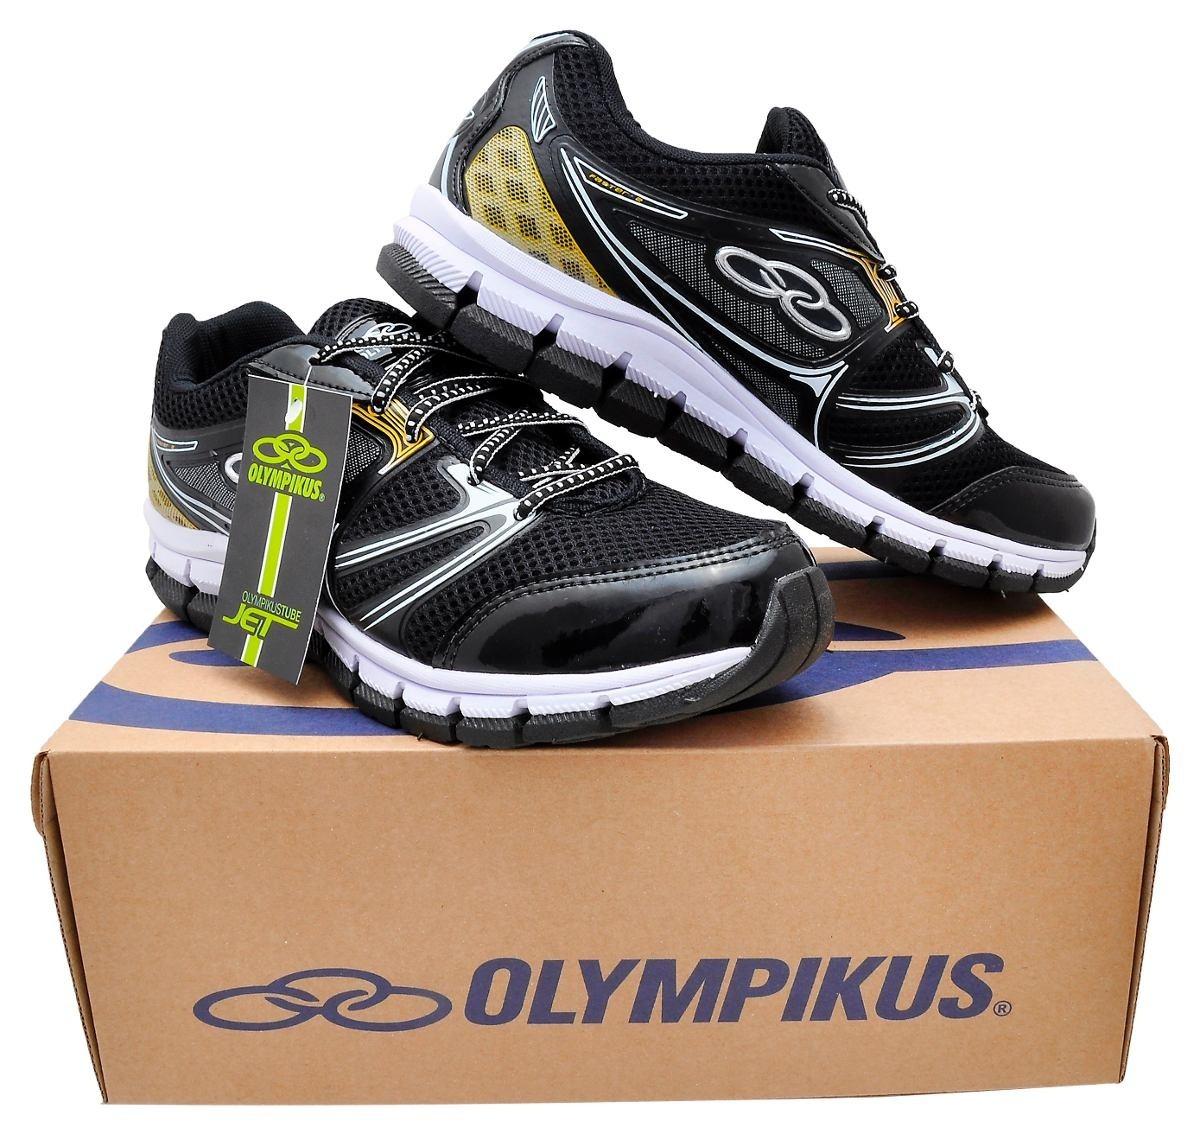 463e2245587 tenis olimpikus kit 2 pares foto original caminhada corrida. Carregando zoom .